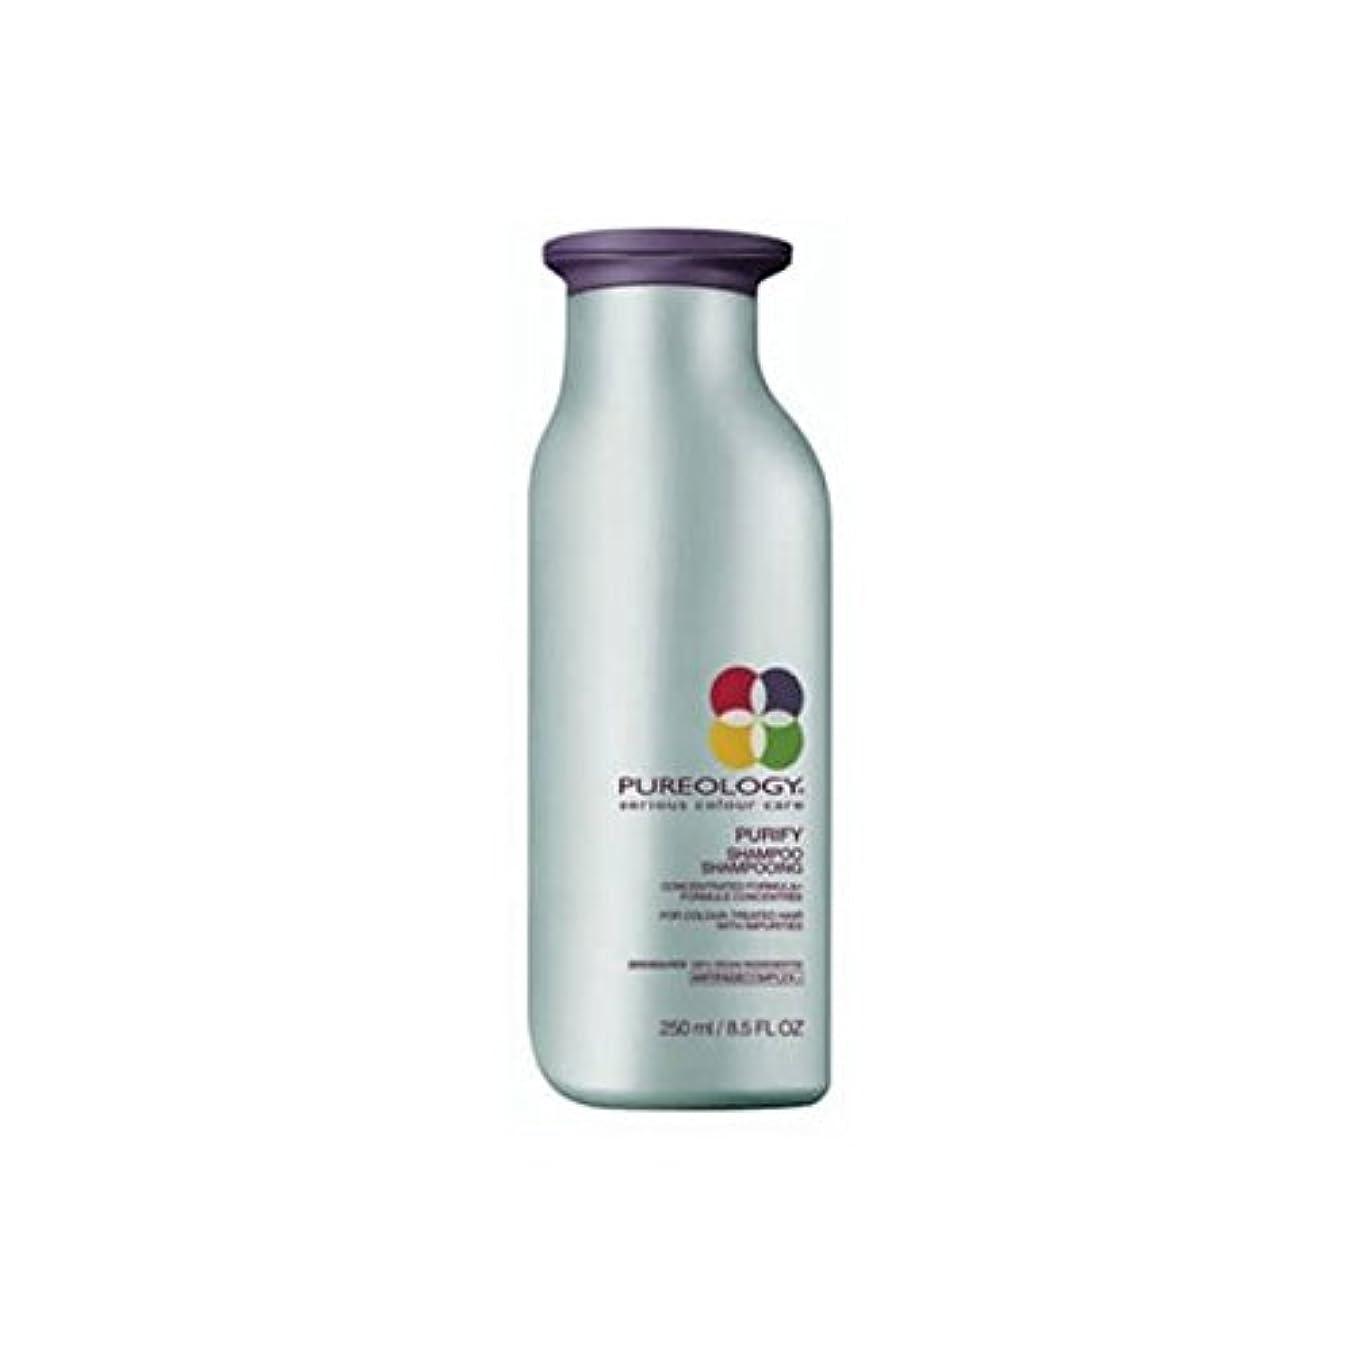 警察署原油電気のPureology Purify Shampoo (250ml) (Pack of 6) - シャンプー(250ミリリットル)を浄化します x6 [並行輸入品]